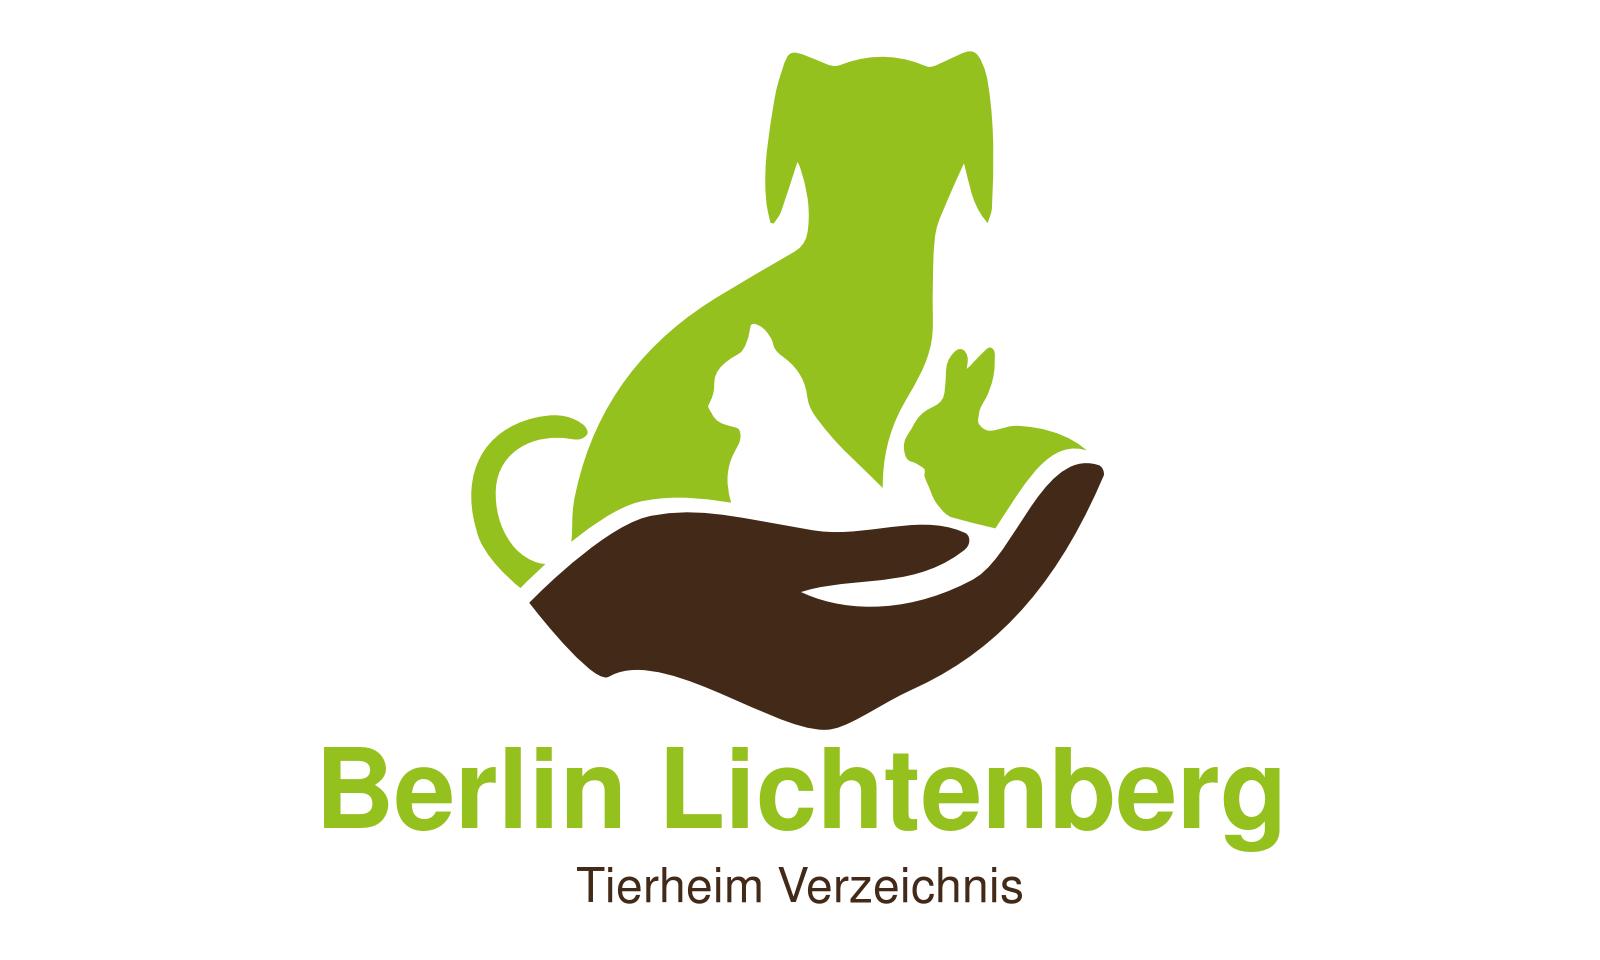 Tierheim Berlin Lichtenberg